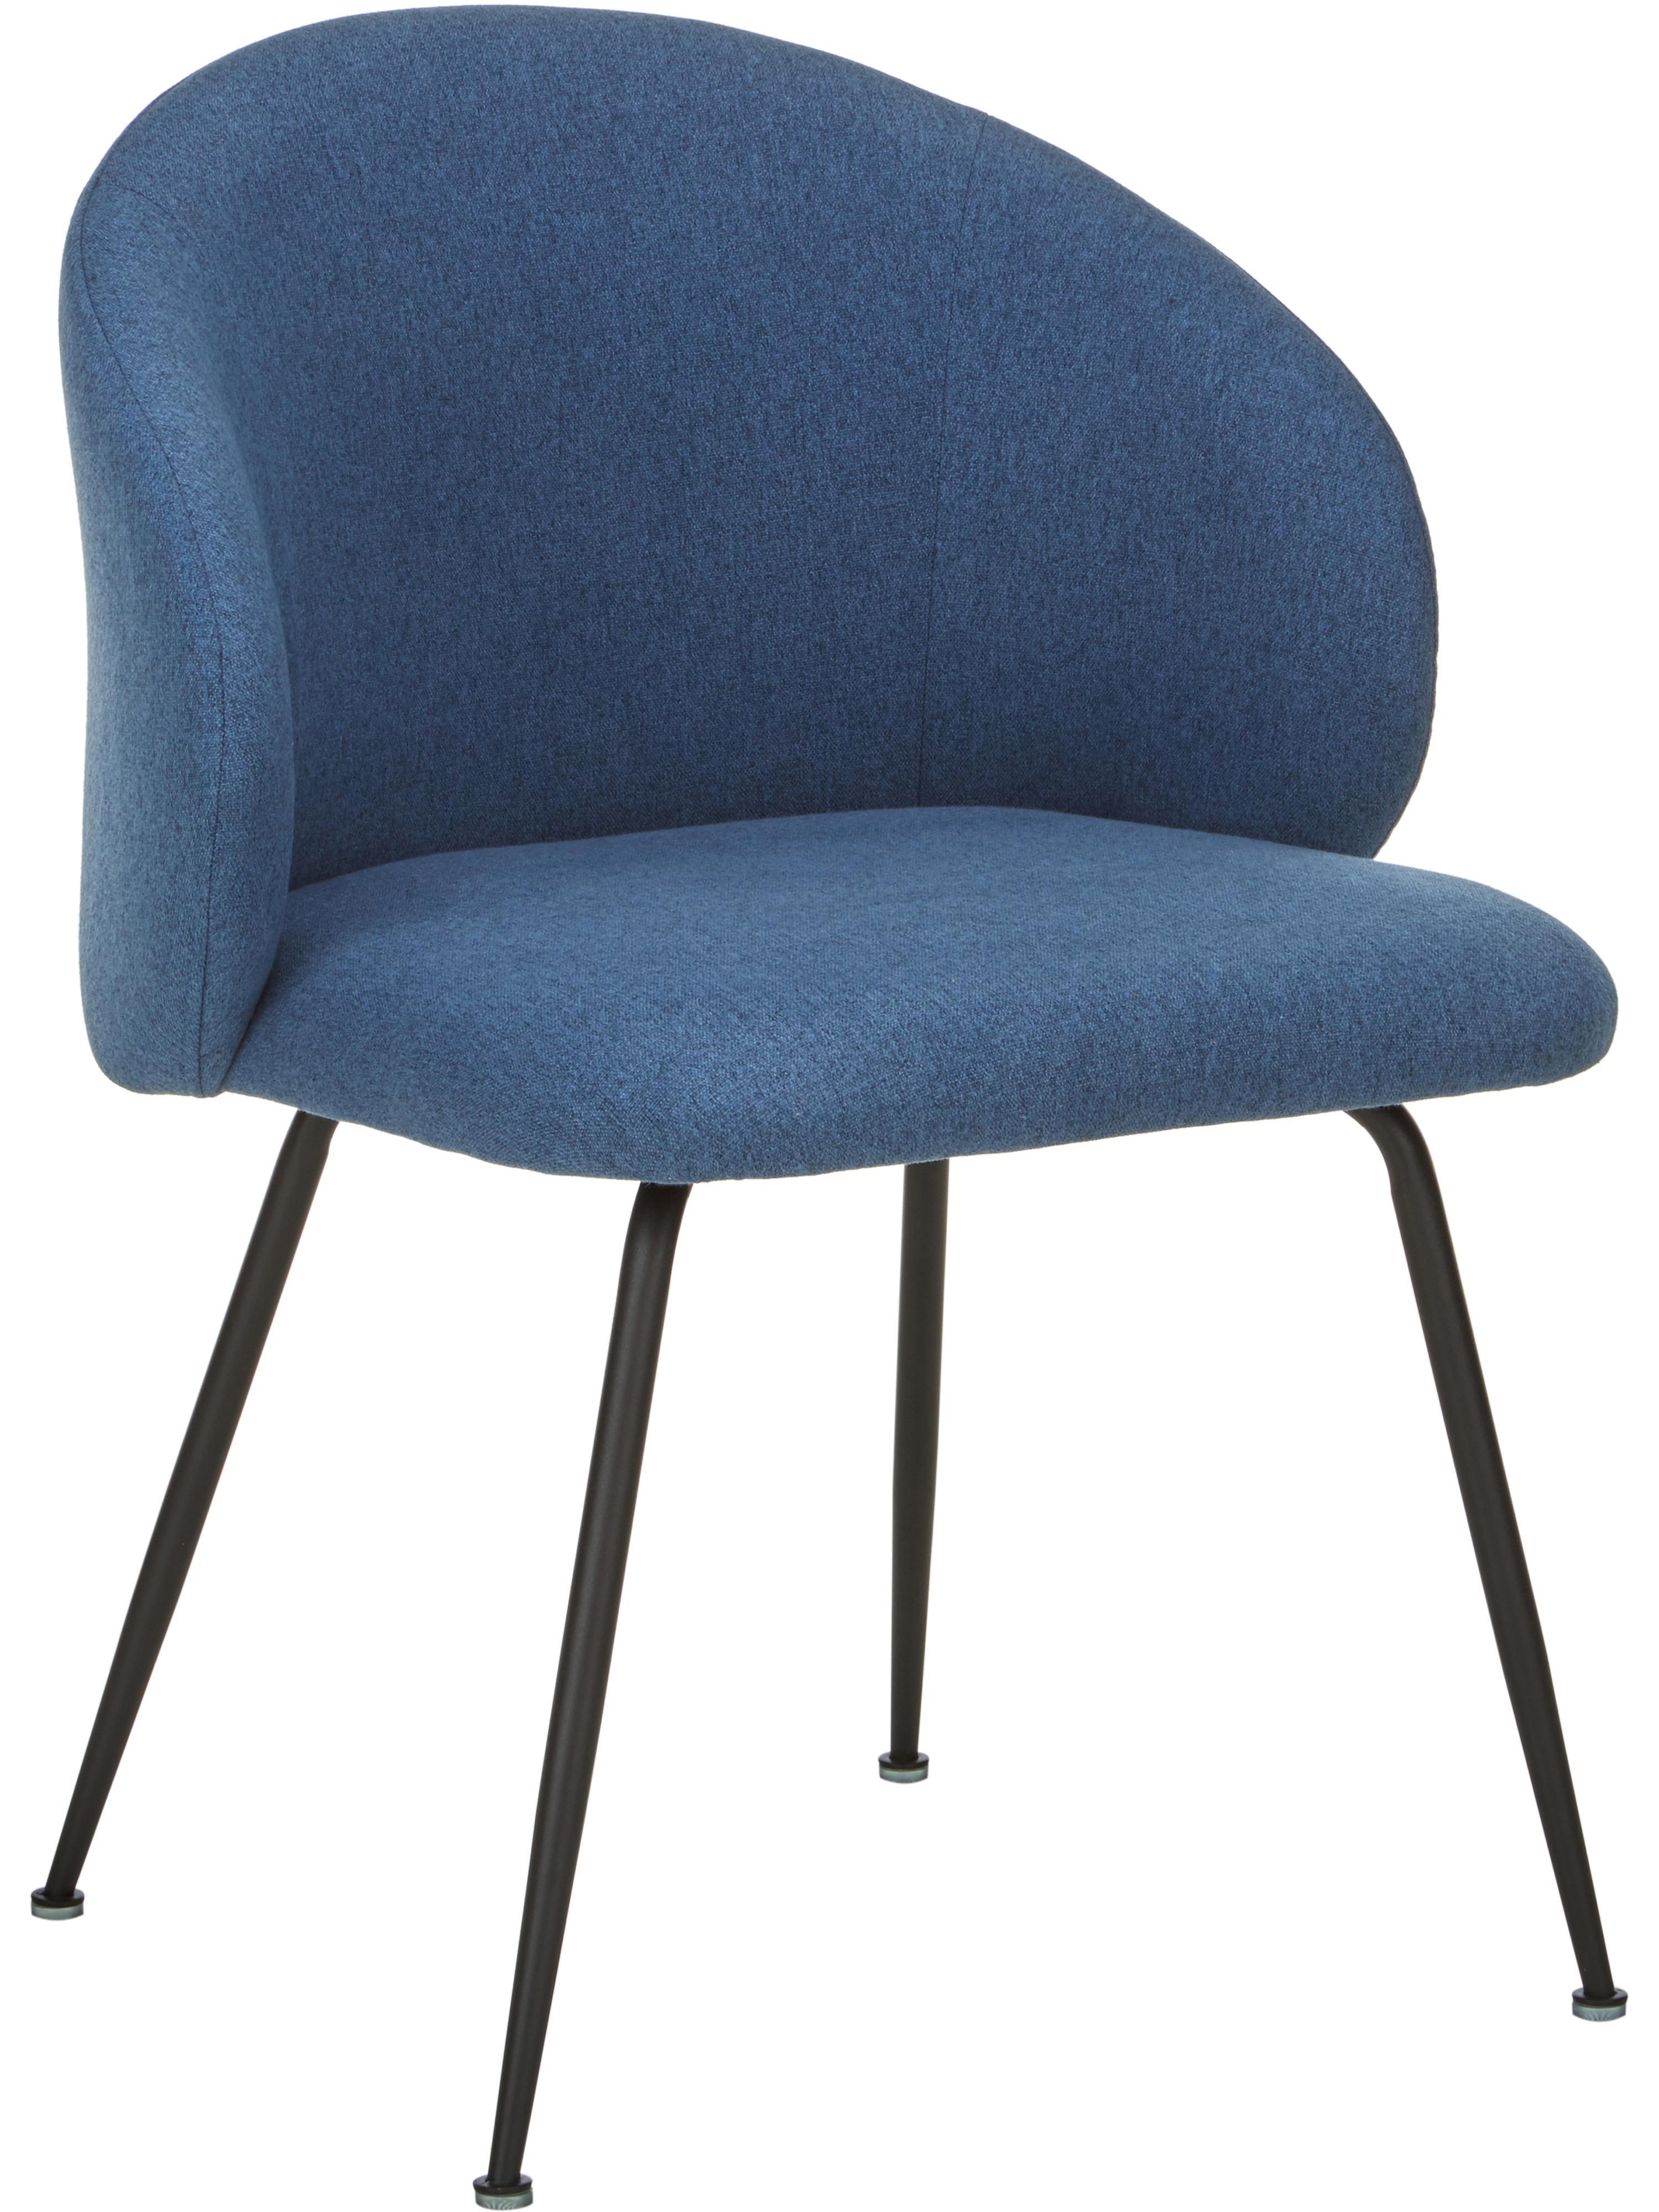 Polsterstühle Luisa, 2 Stück, Beine: Metall, pulverbeschichtet, Webstoff Blau, Schwarz, 61 x 58 cm